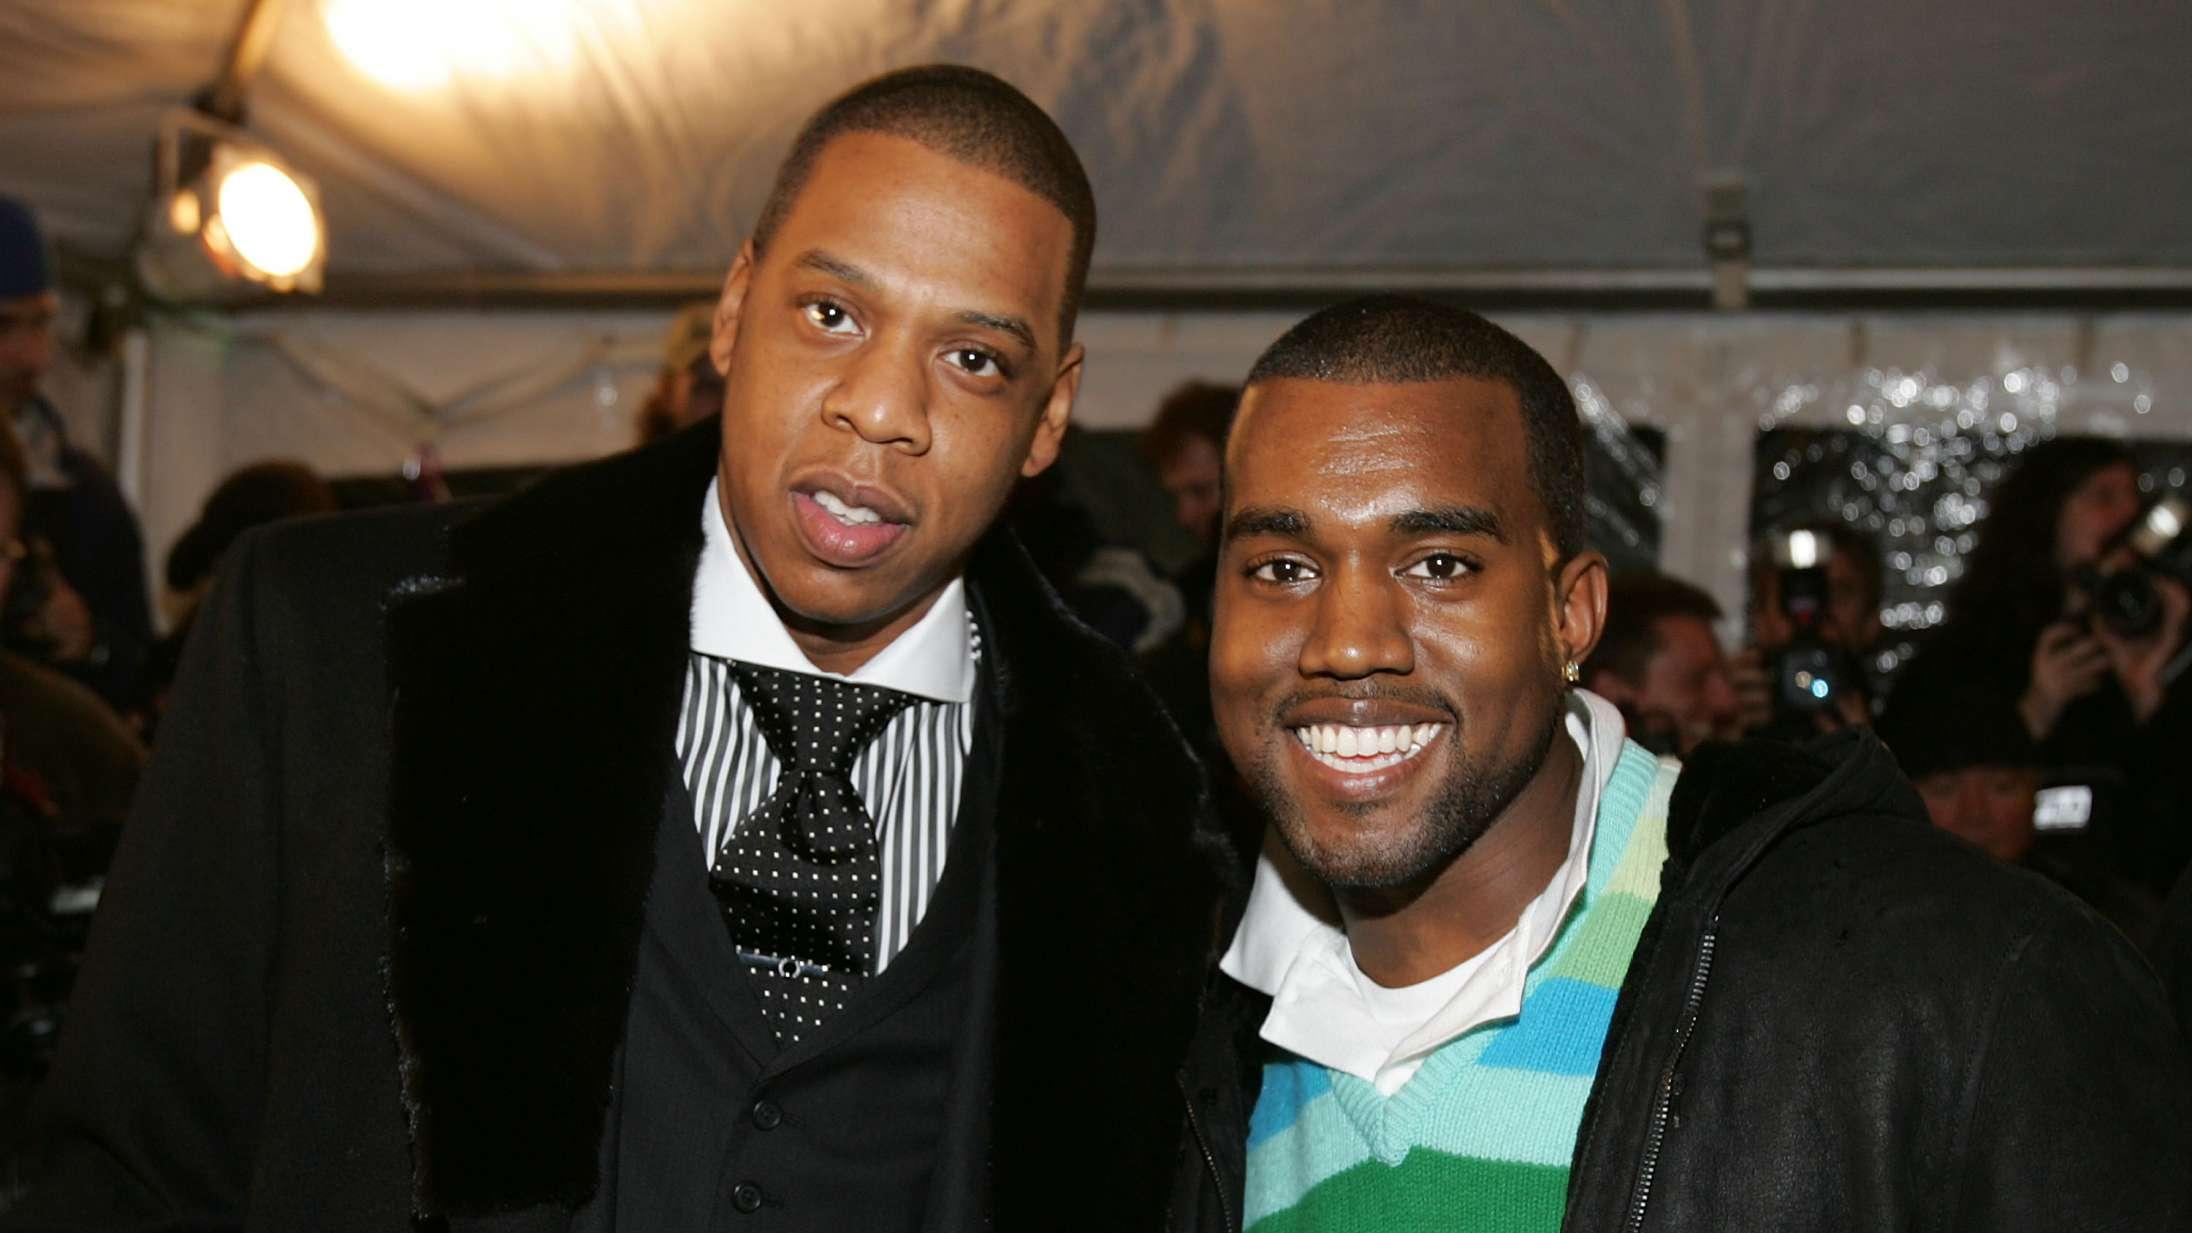 Efter 'Watch The Throne'-jubilæum: Kanye West sender hilsen til sin »bror« Jay-Z